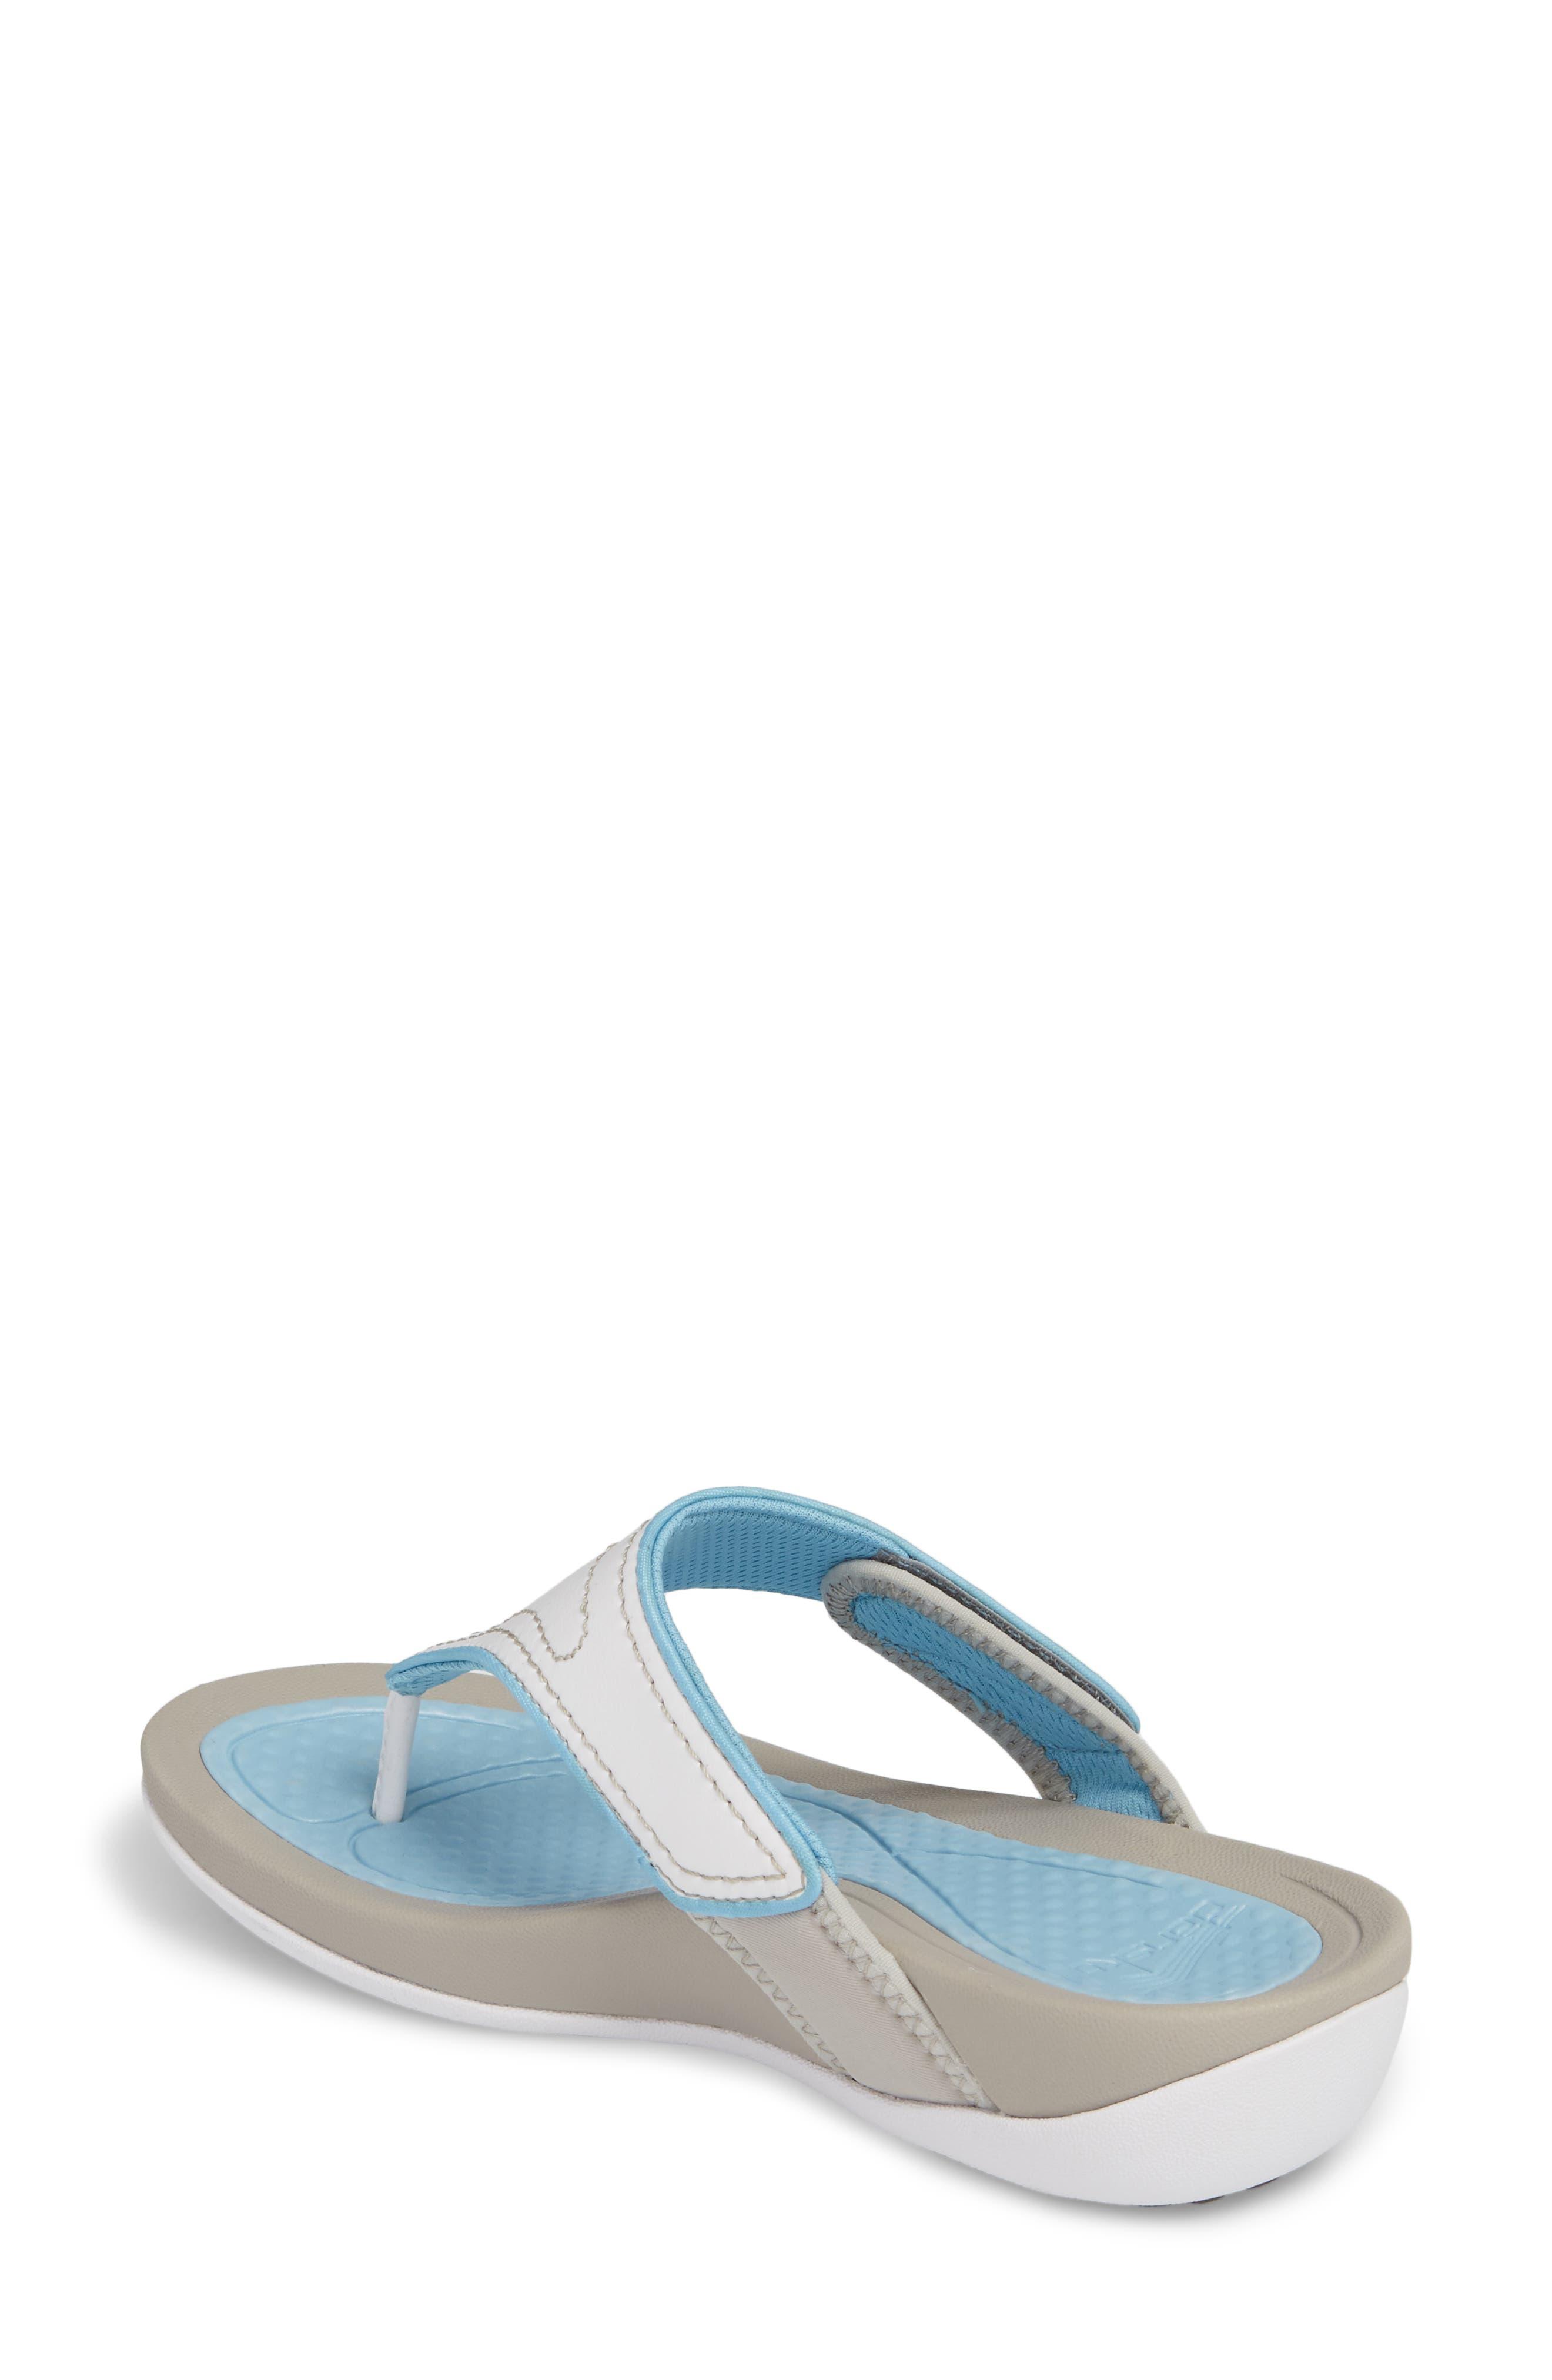 Alternate Image 2  - Dansko Katy 2 Thong Sandal (Women)